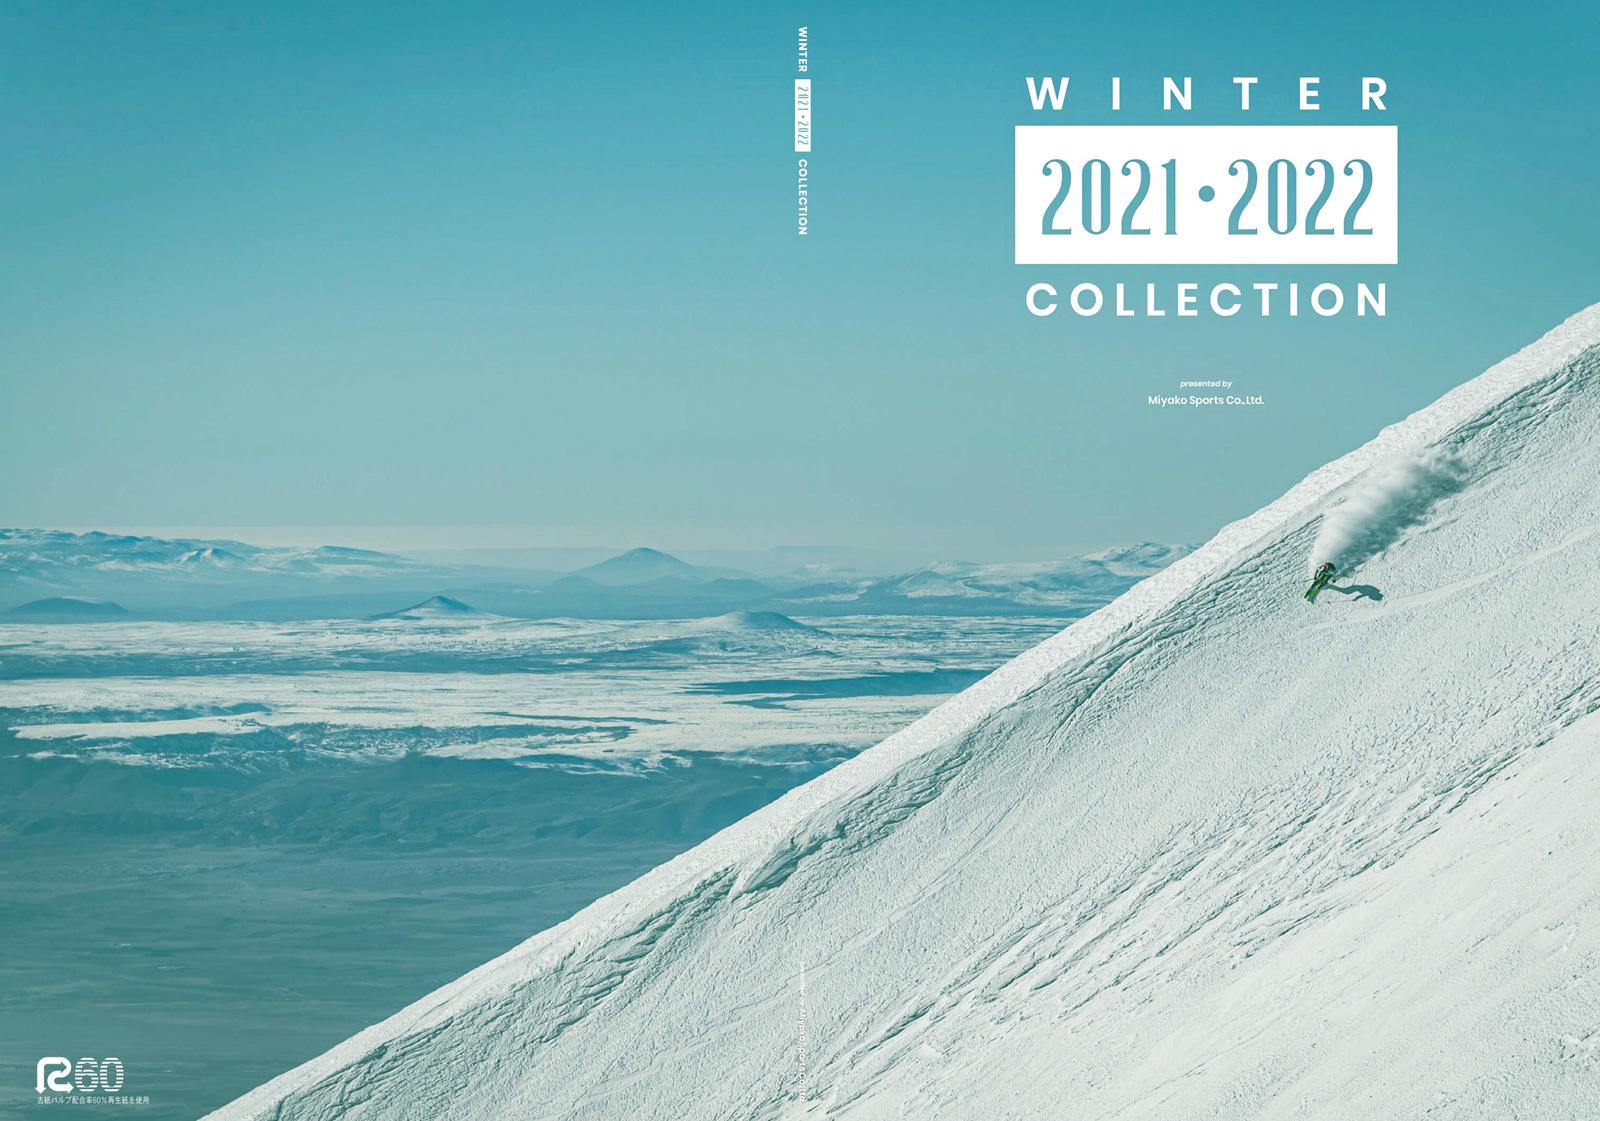 2021-22《ウィンター・コレクション》公開、更新のお知らせ